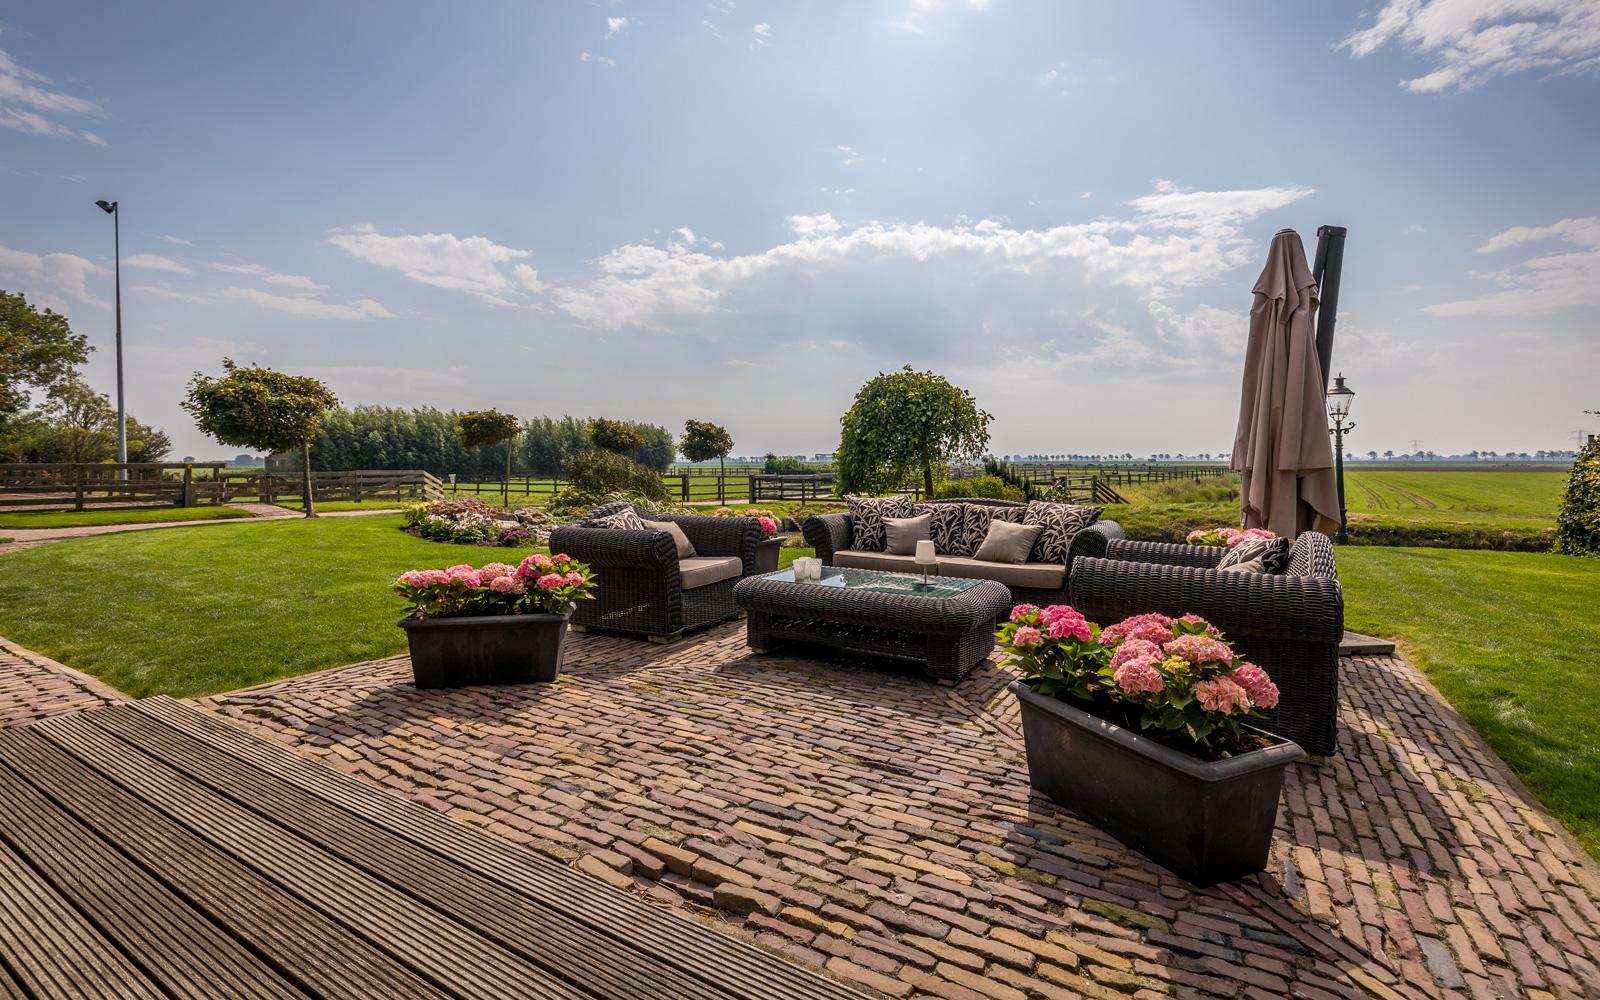 De grote landelijke tuin is ingericht met een loungeset.